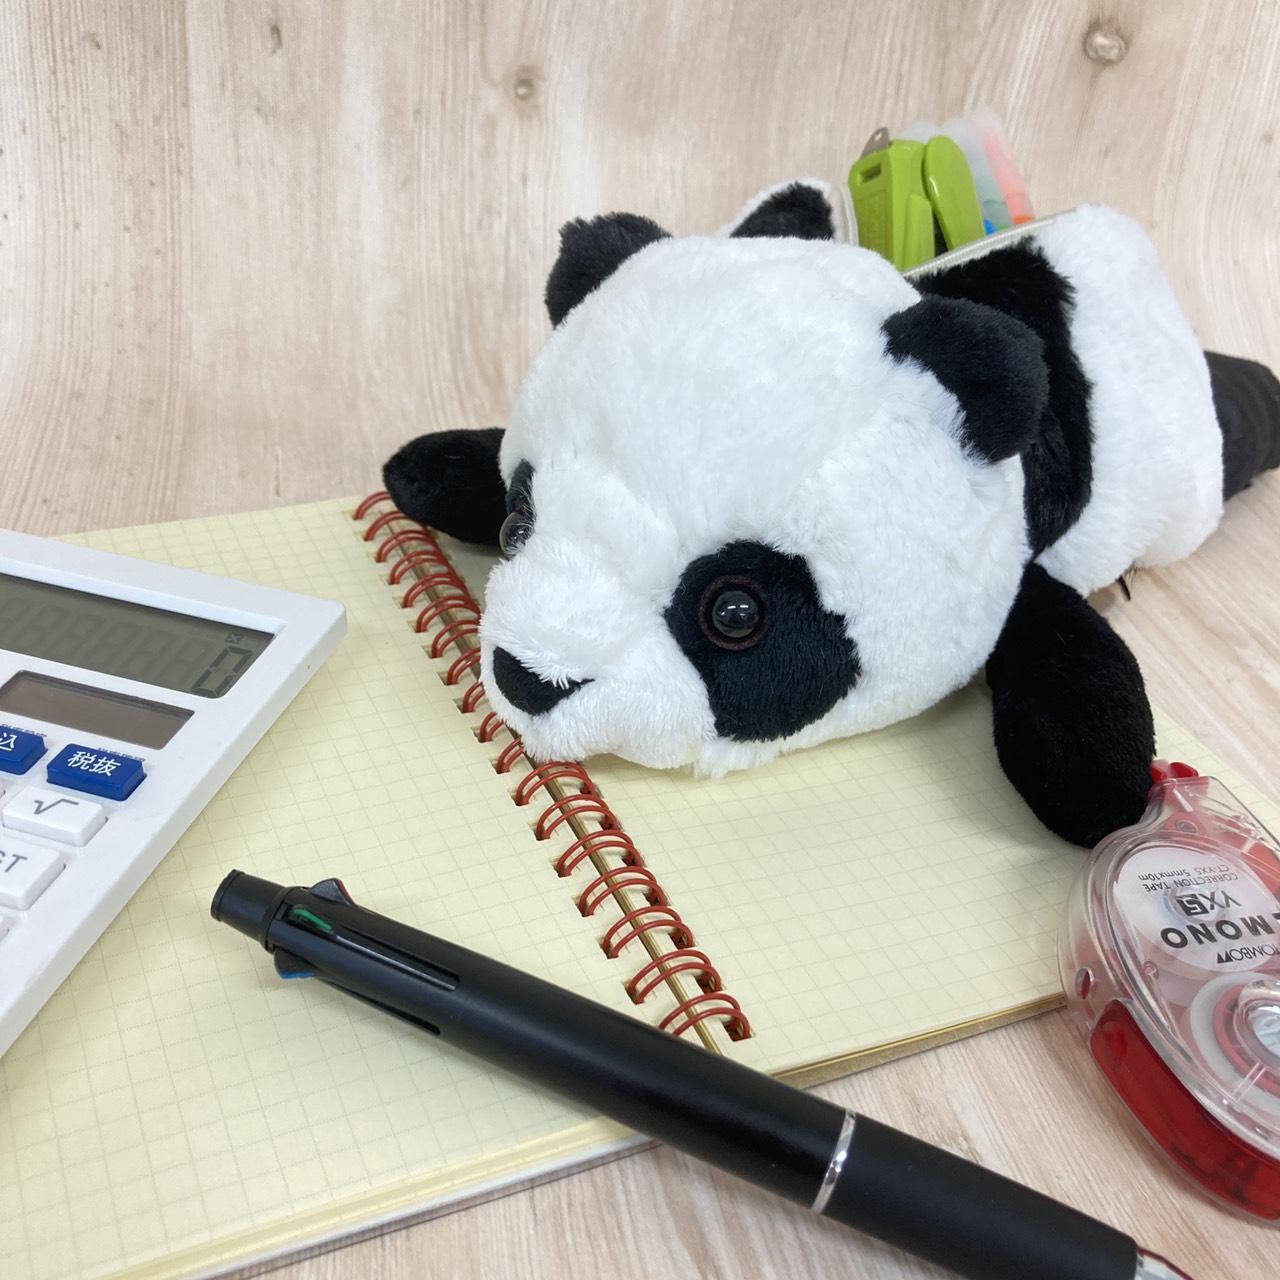 【5月中旬頃再入荷予定】ワイルドアニマル ペンケース パンダ 2個 / ロット